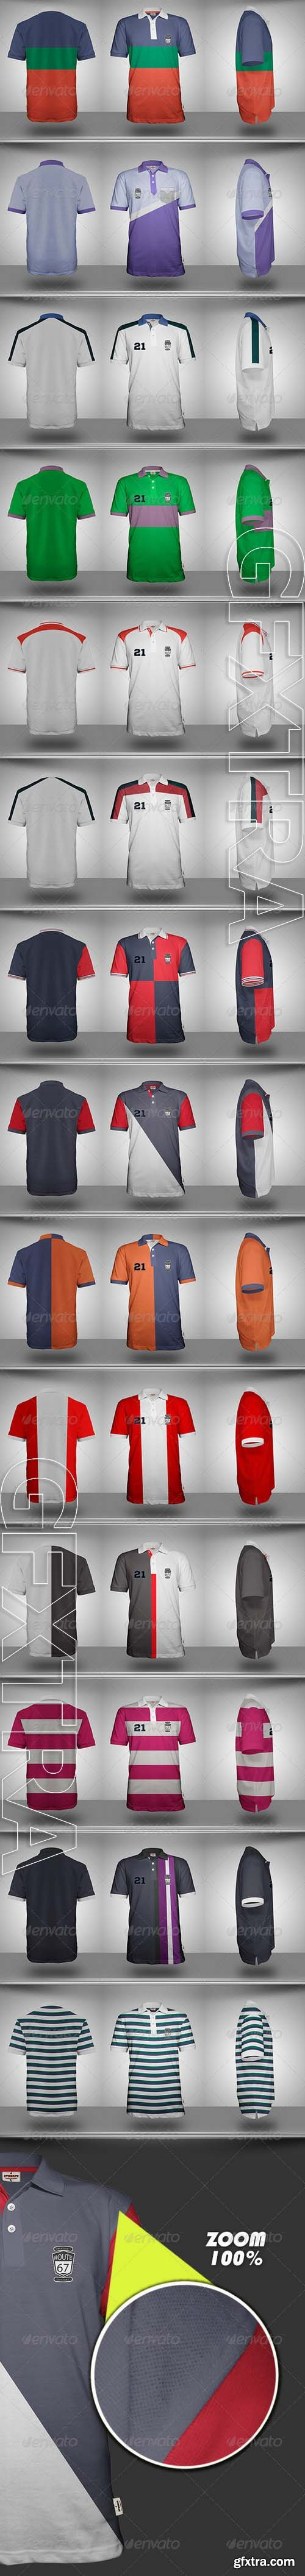 Polo Shirt Mock-Up - GraphicRiver 7317749